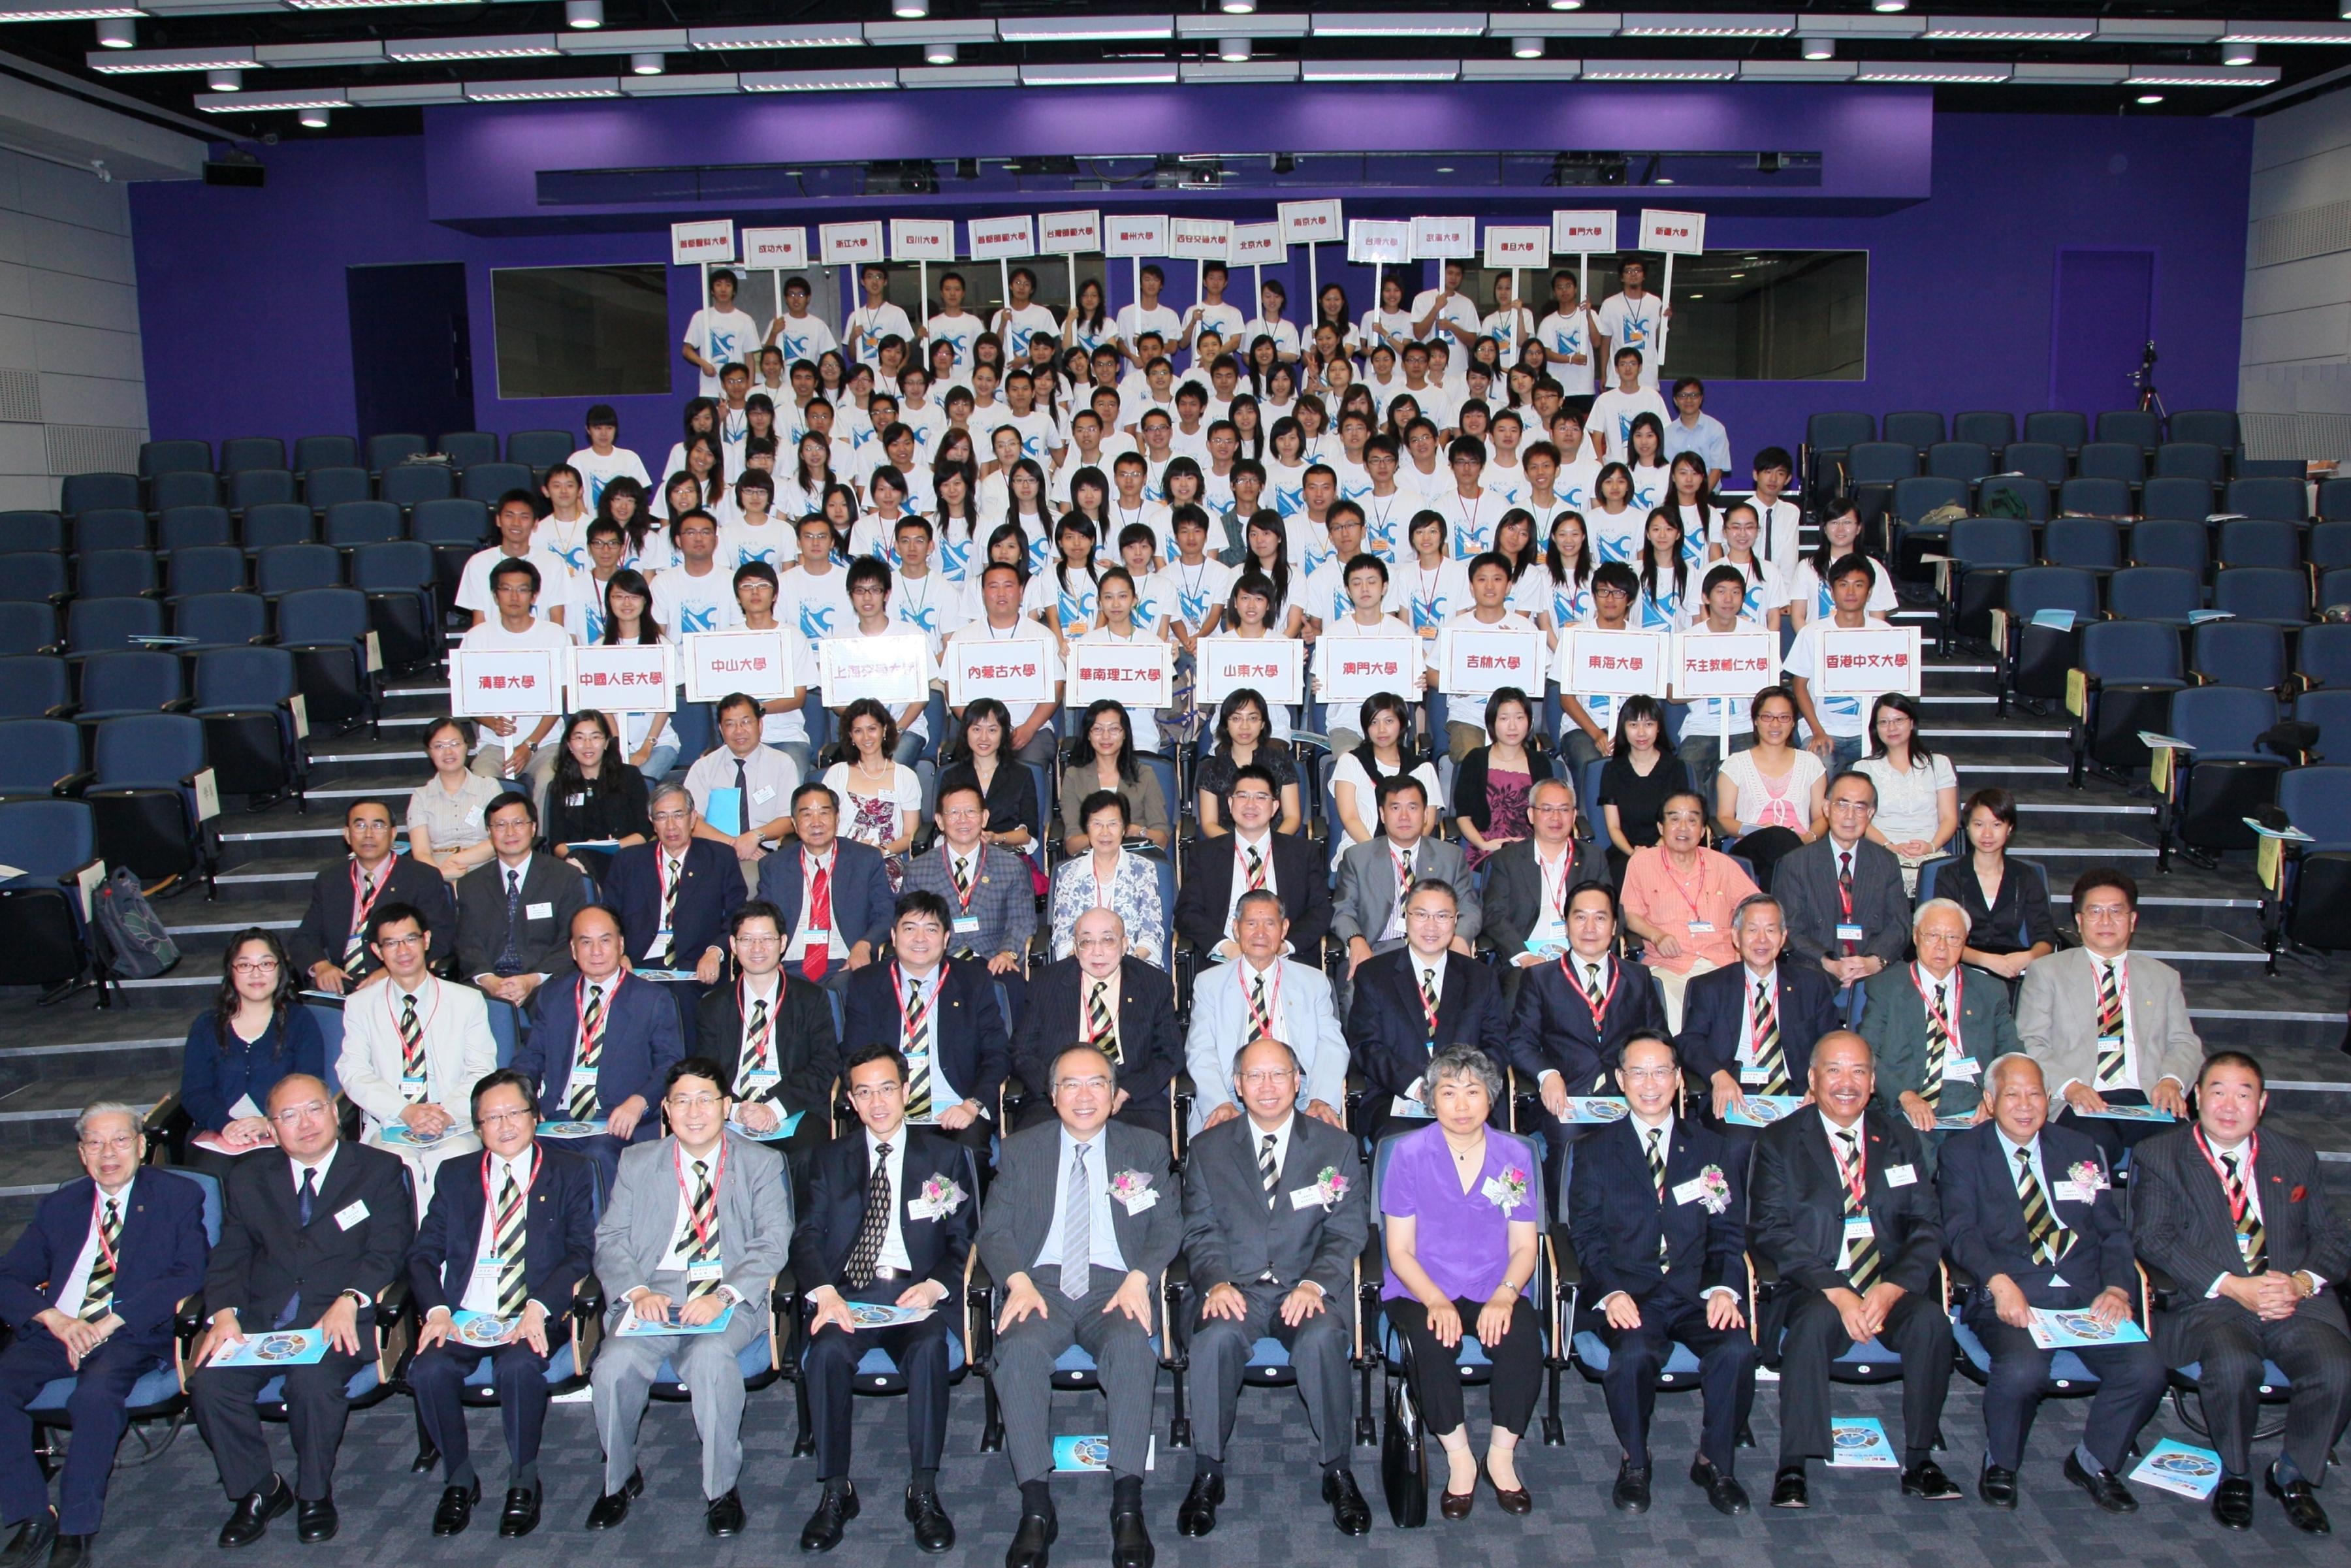 「新纪元行政管理精英培训计划」全体学员和一众嘉宾合照